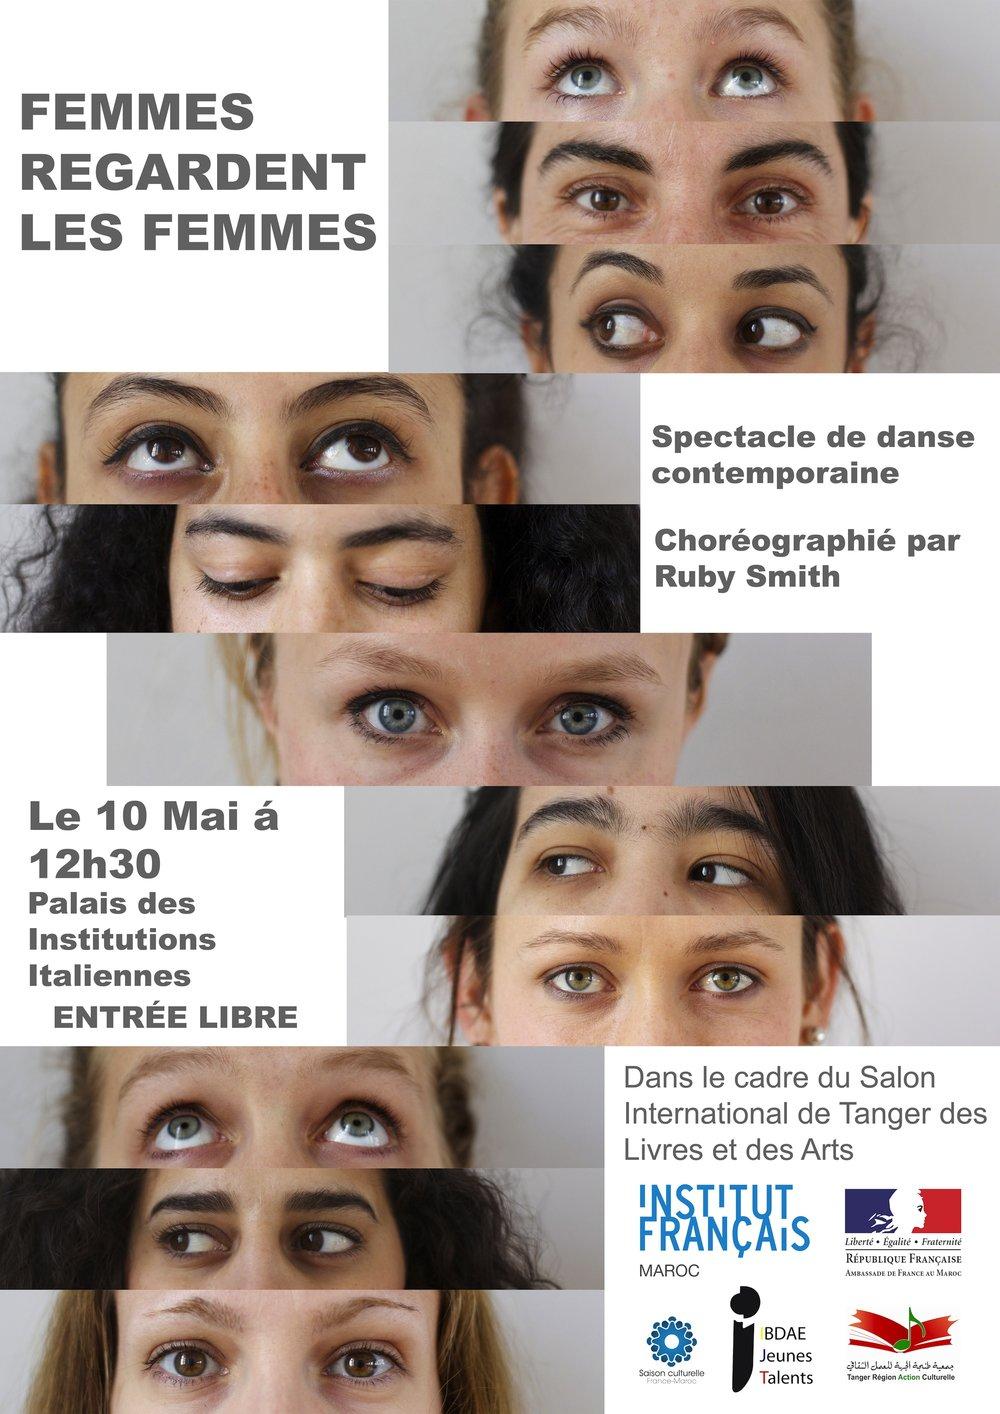 Femmes Regardent Les Femmes, 2015